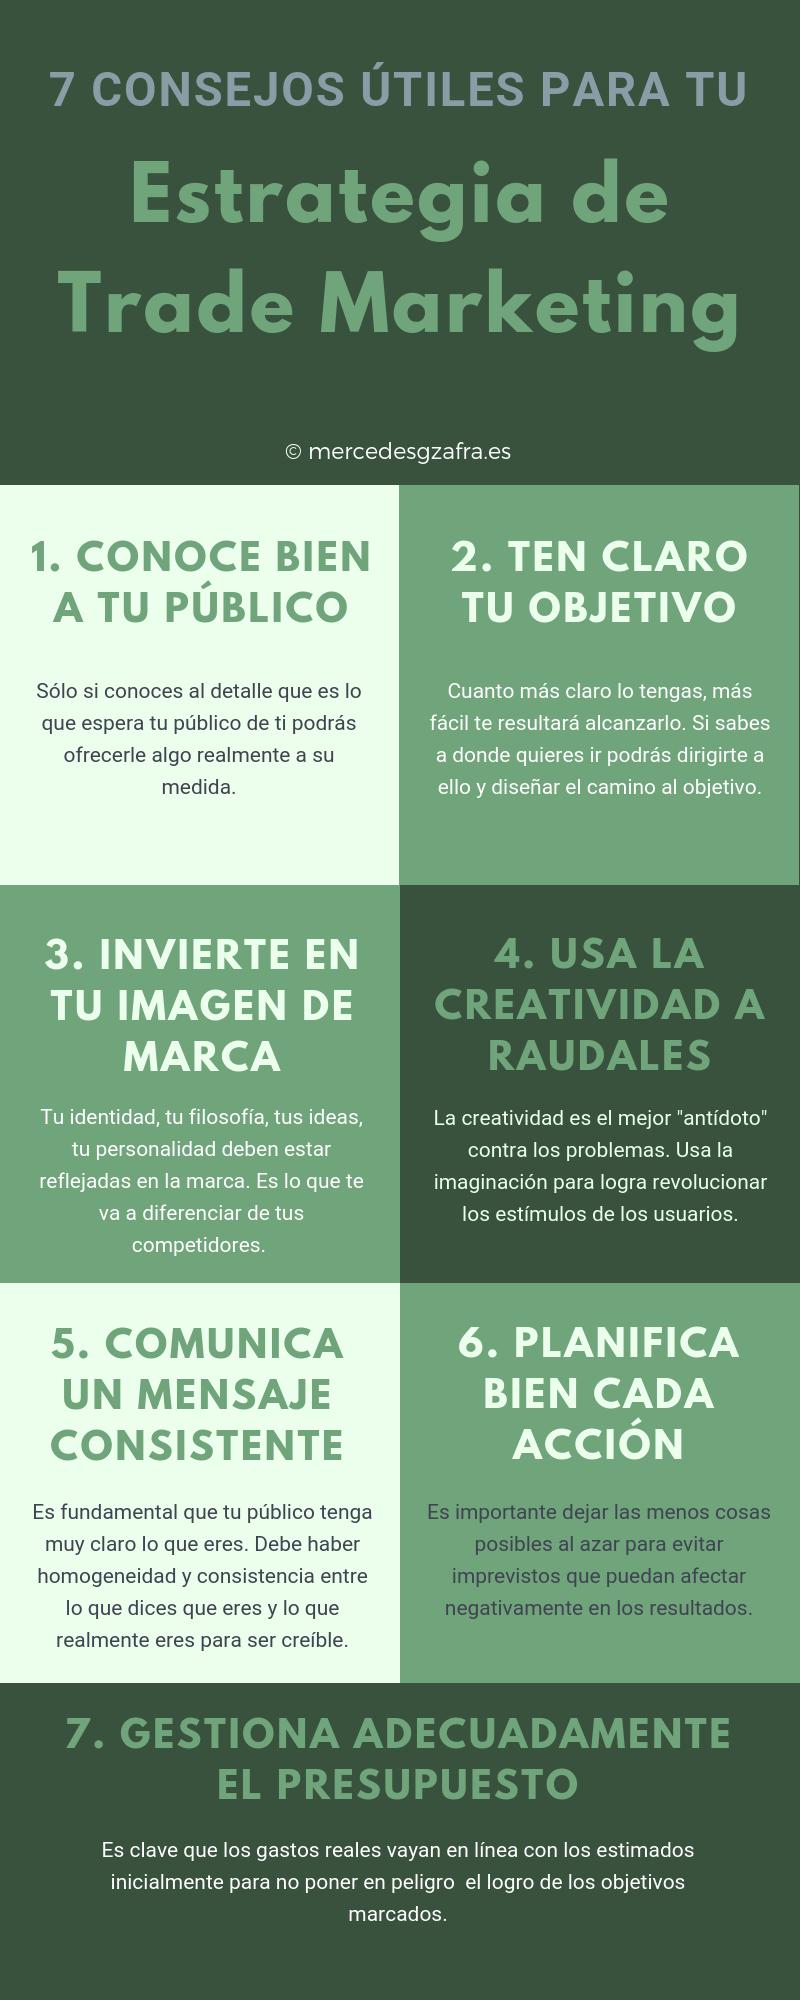 7 Consejos útiles Para El Trade Mk Mercedesgzafra Consejos útiles Estrategias De Marketing Estrategias De Comunicación